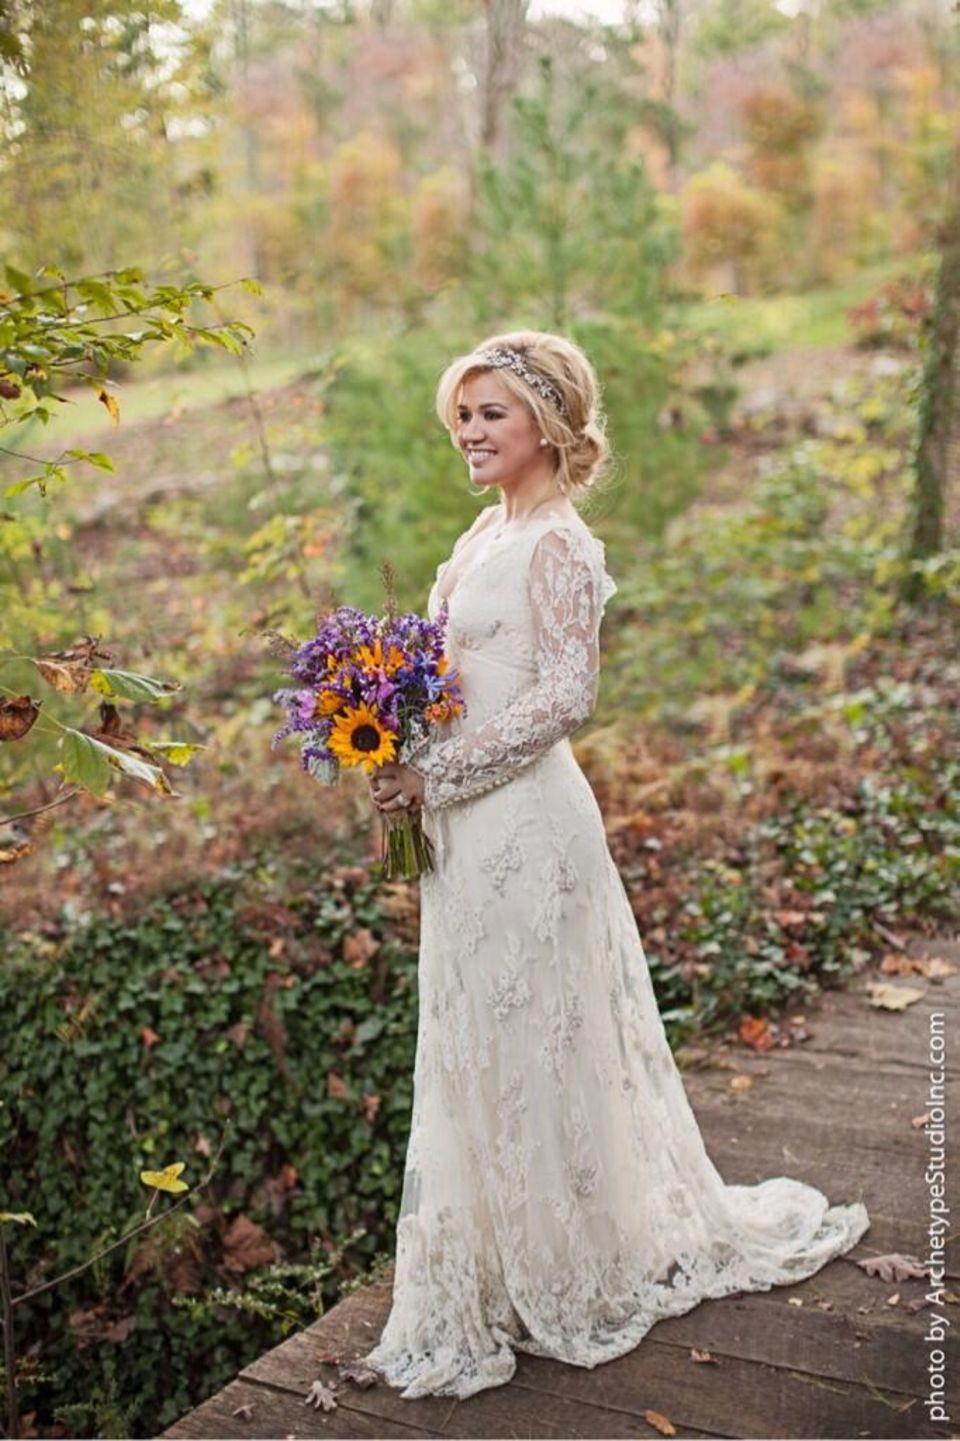 Dieses Bild von Kleid und Kopfschmuck ihres Brautkleides veröffentlichte die firsch vermählte Kelly Clarkson mit Dank an die Modeschöpfer auf ihrem Twitterprofil.